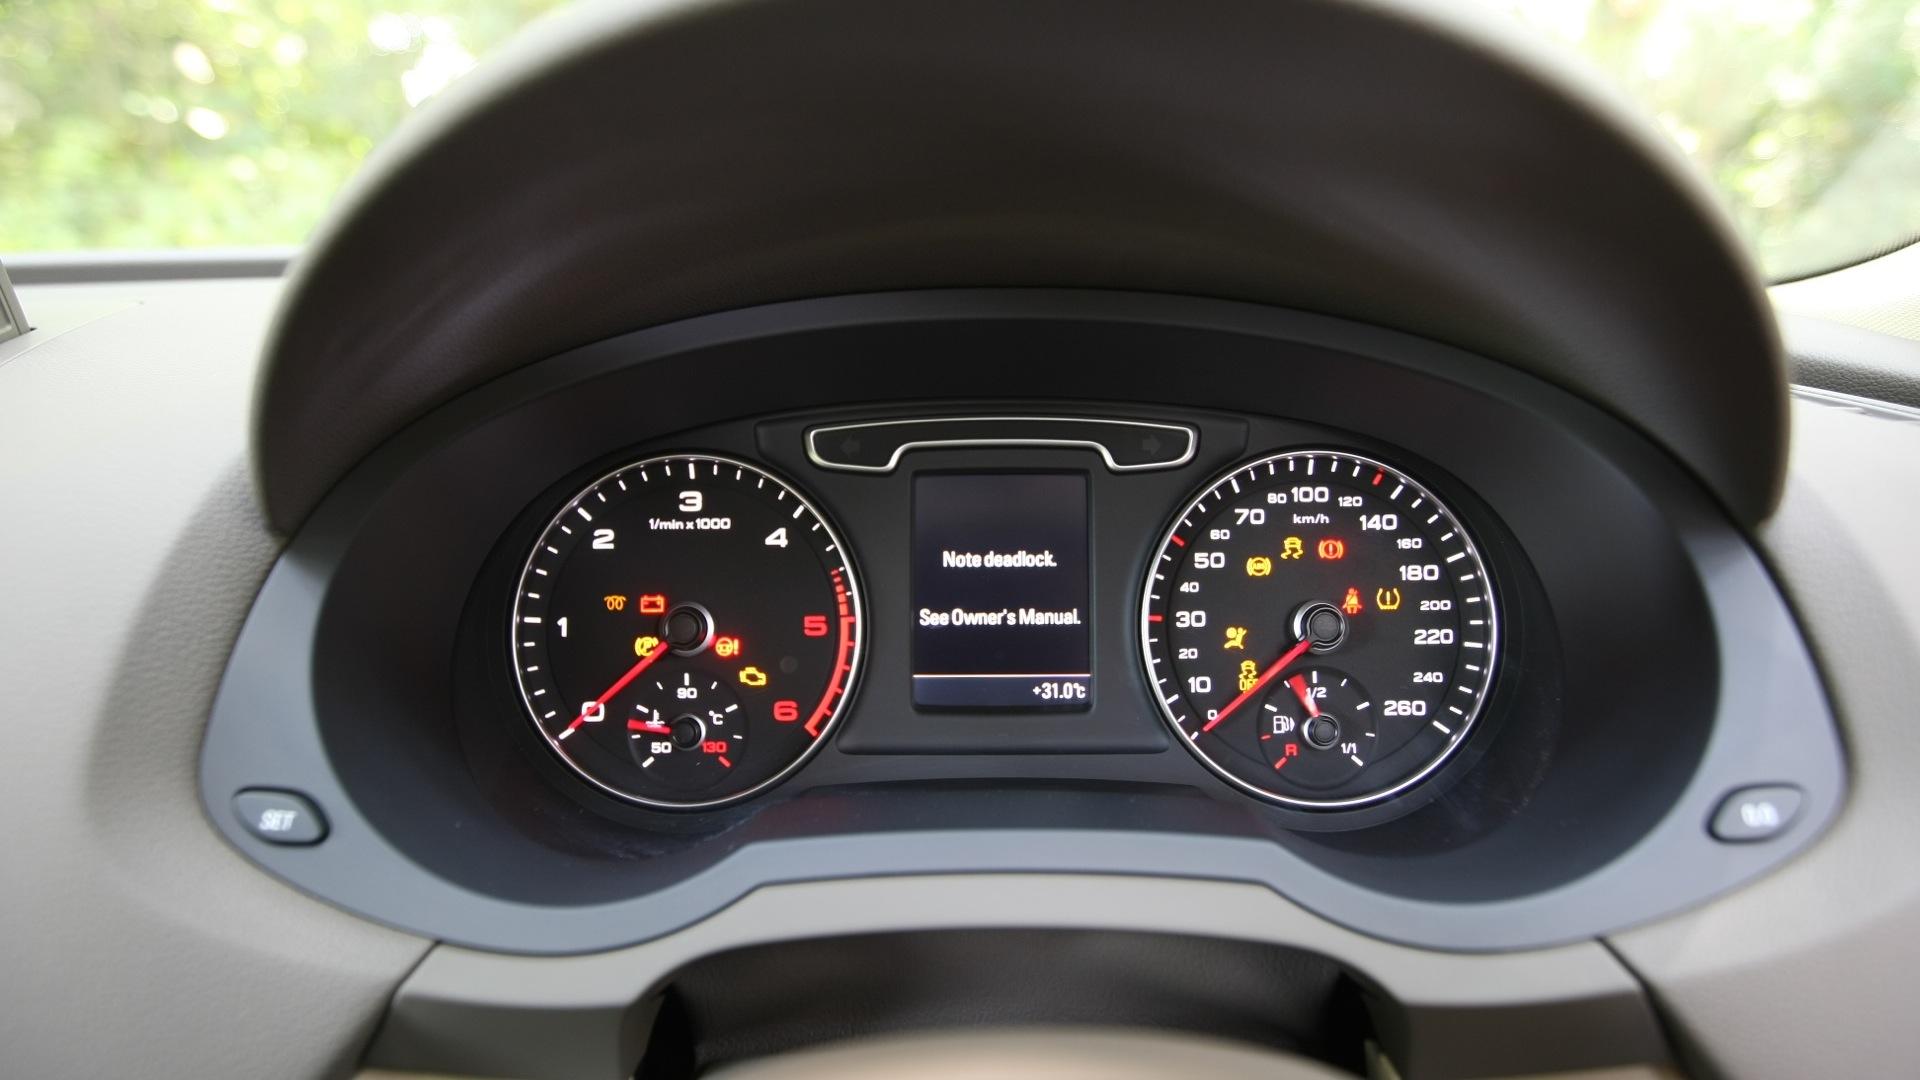 Audi Q5 Wikipedia >> 2017 Audi Q3 30 Tfsi And 35 Tdi Quattro Road Test Review | Autos Post